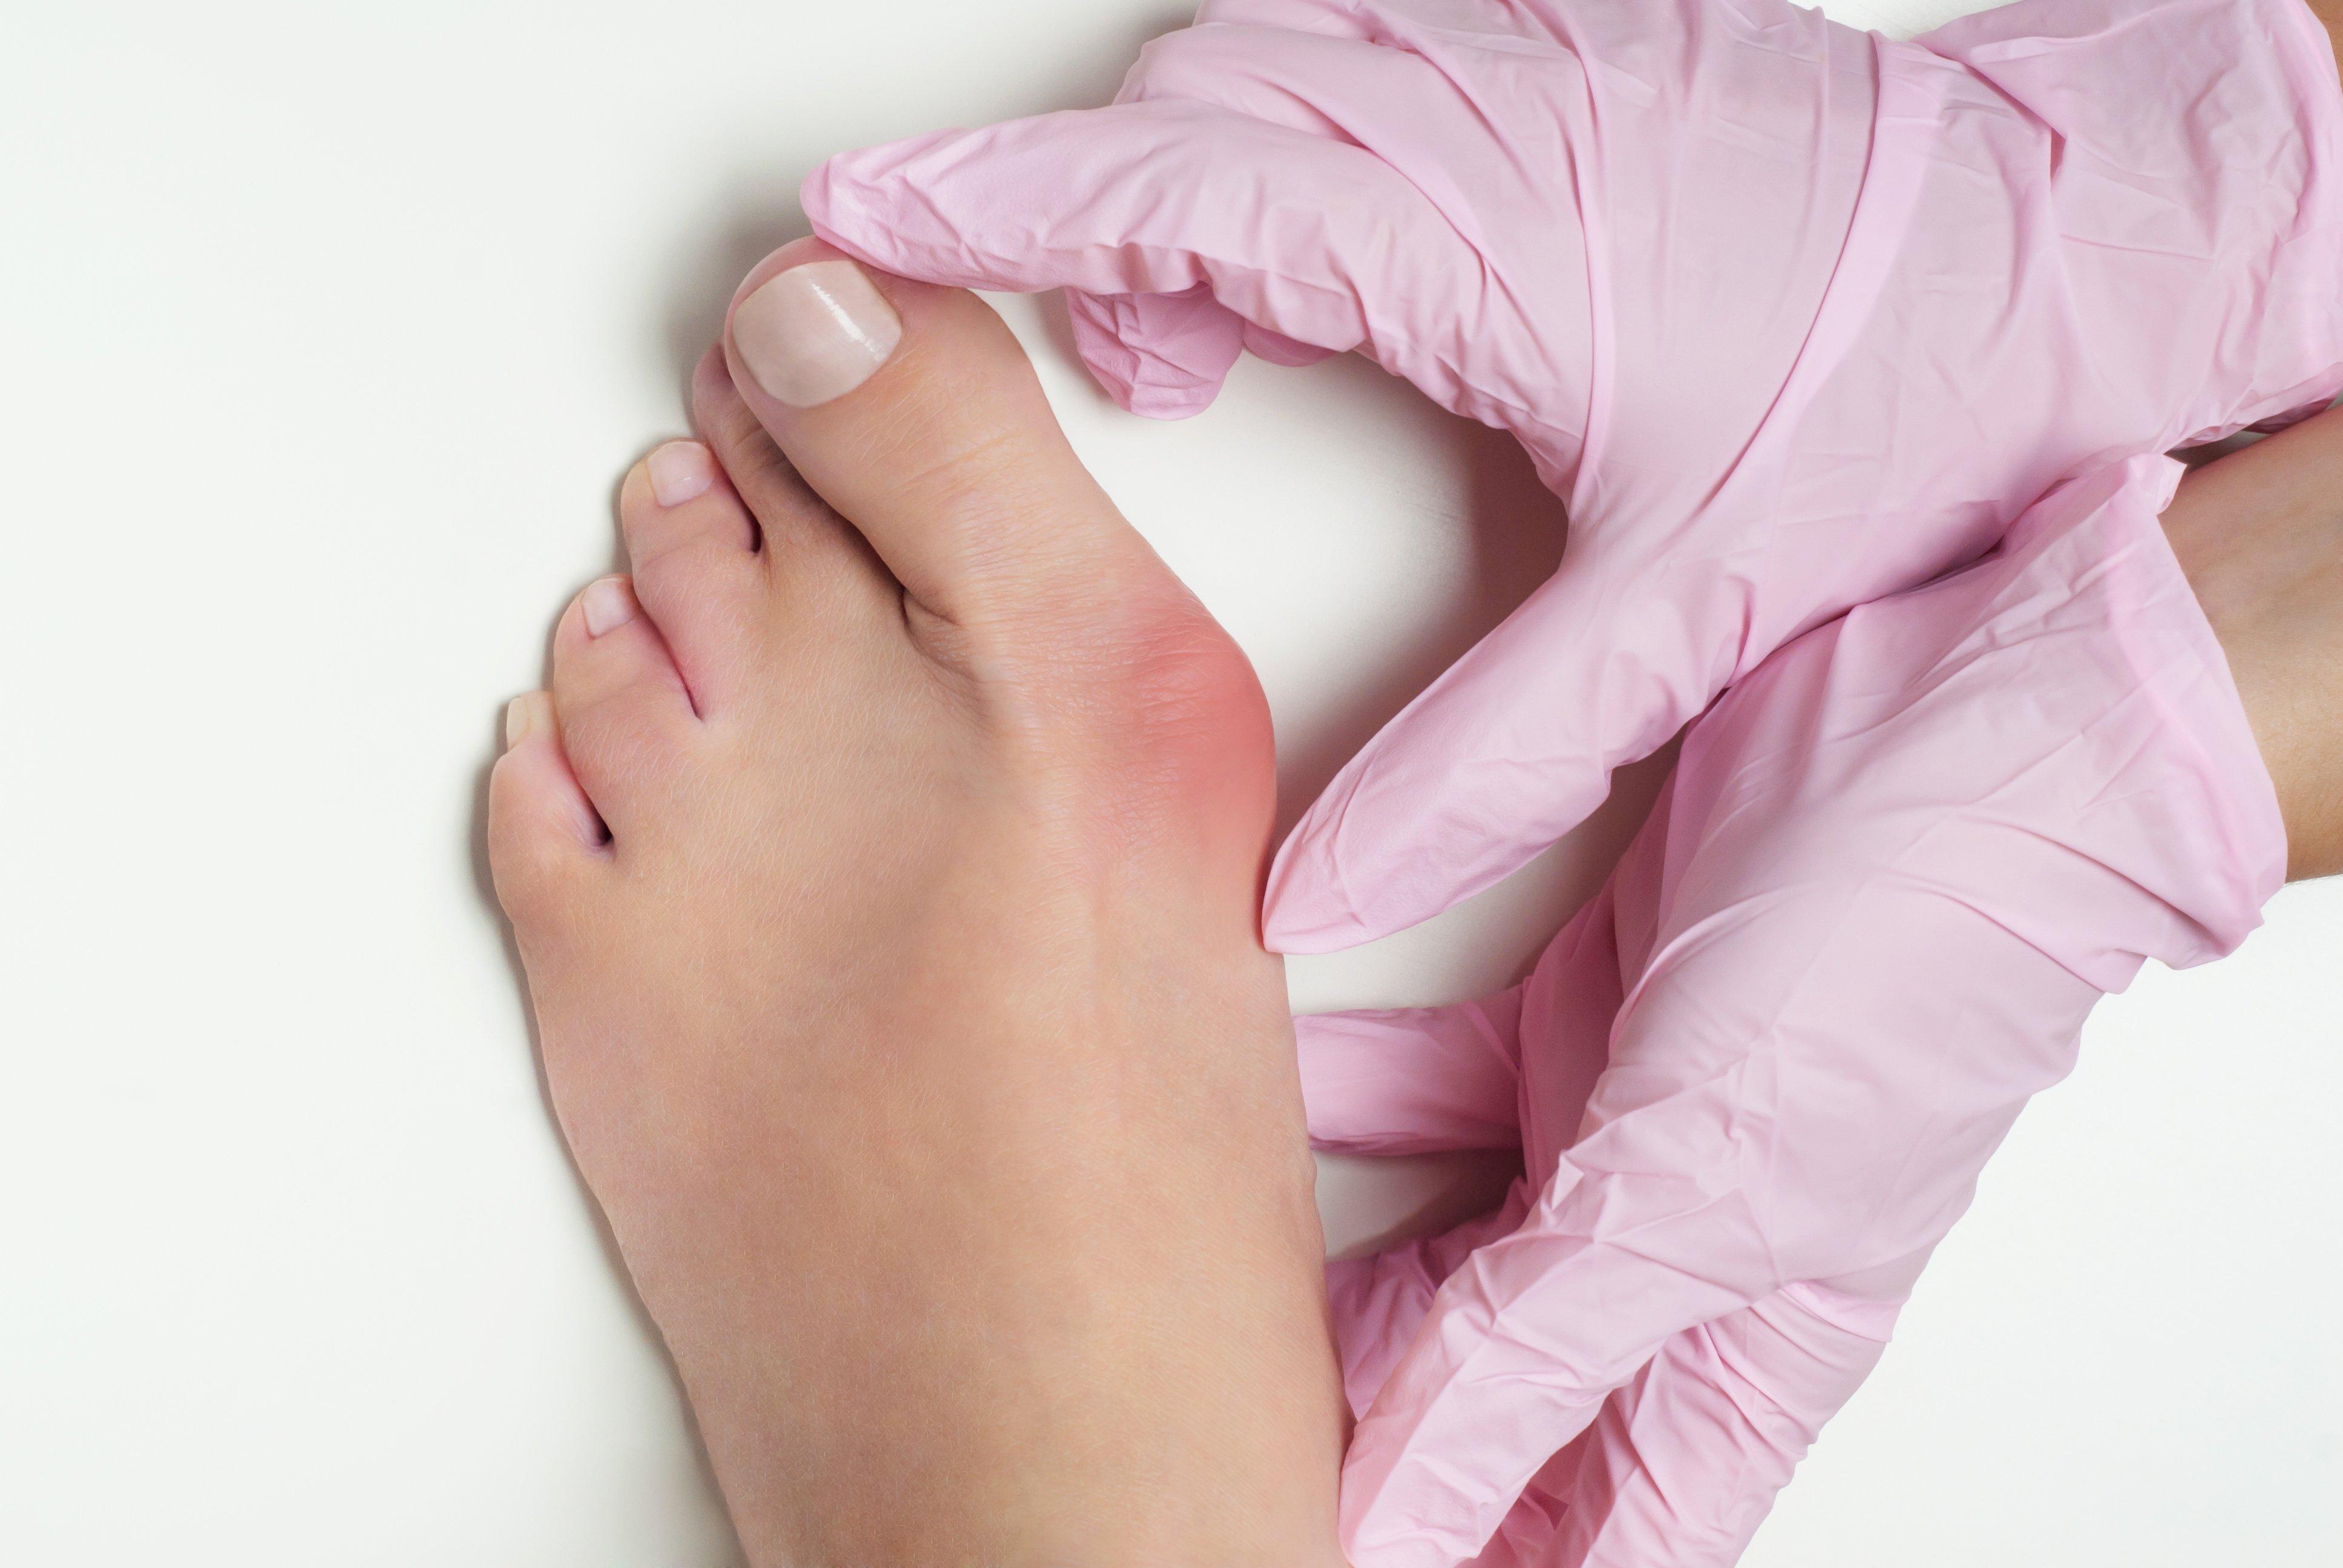 Traumatism deget mare picior